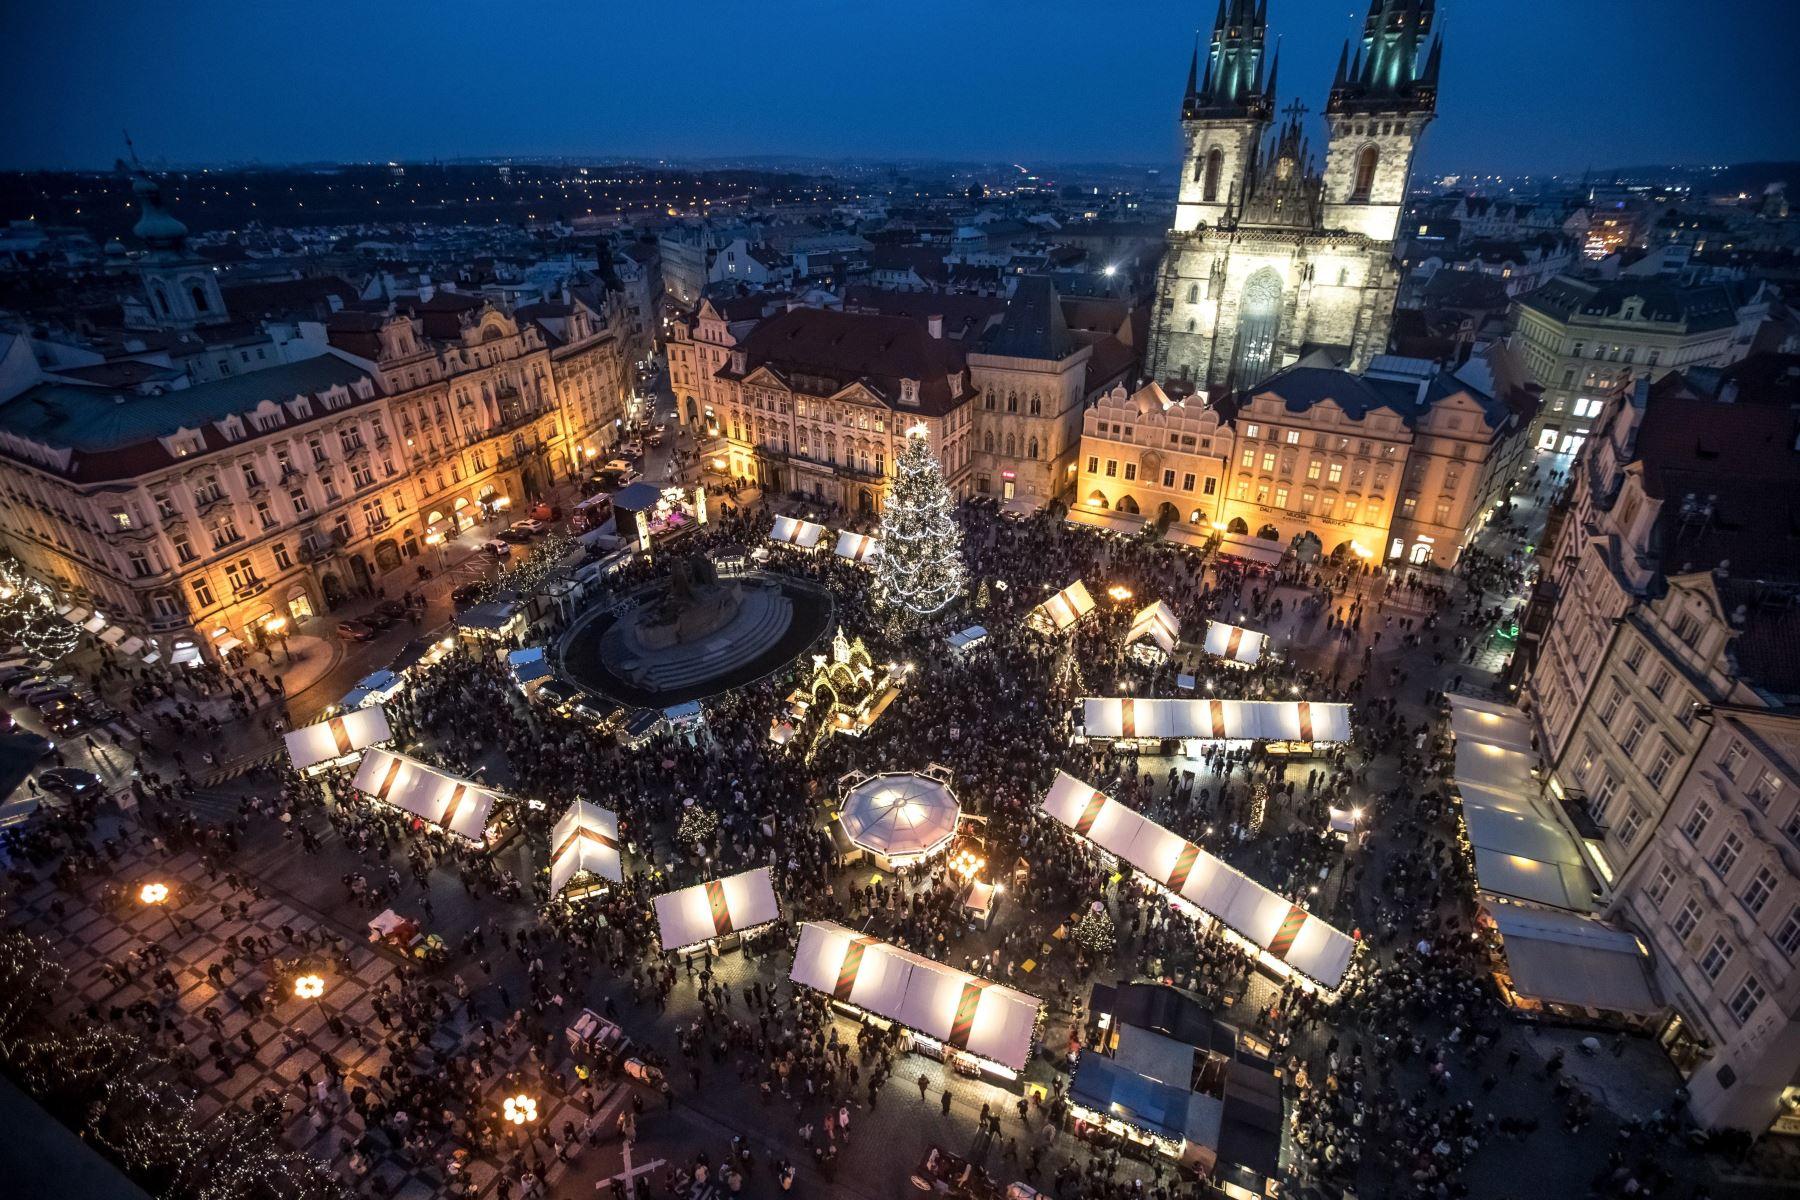 Vista general de la Plaza de la Ciudad Vieja con el mercado navideño instalado, en Praga (República Checa) Foto: EFE